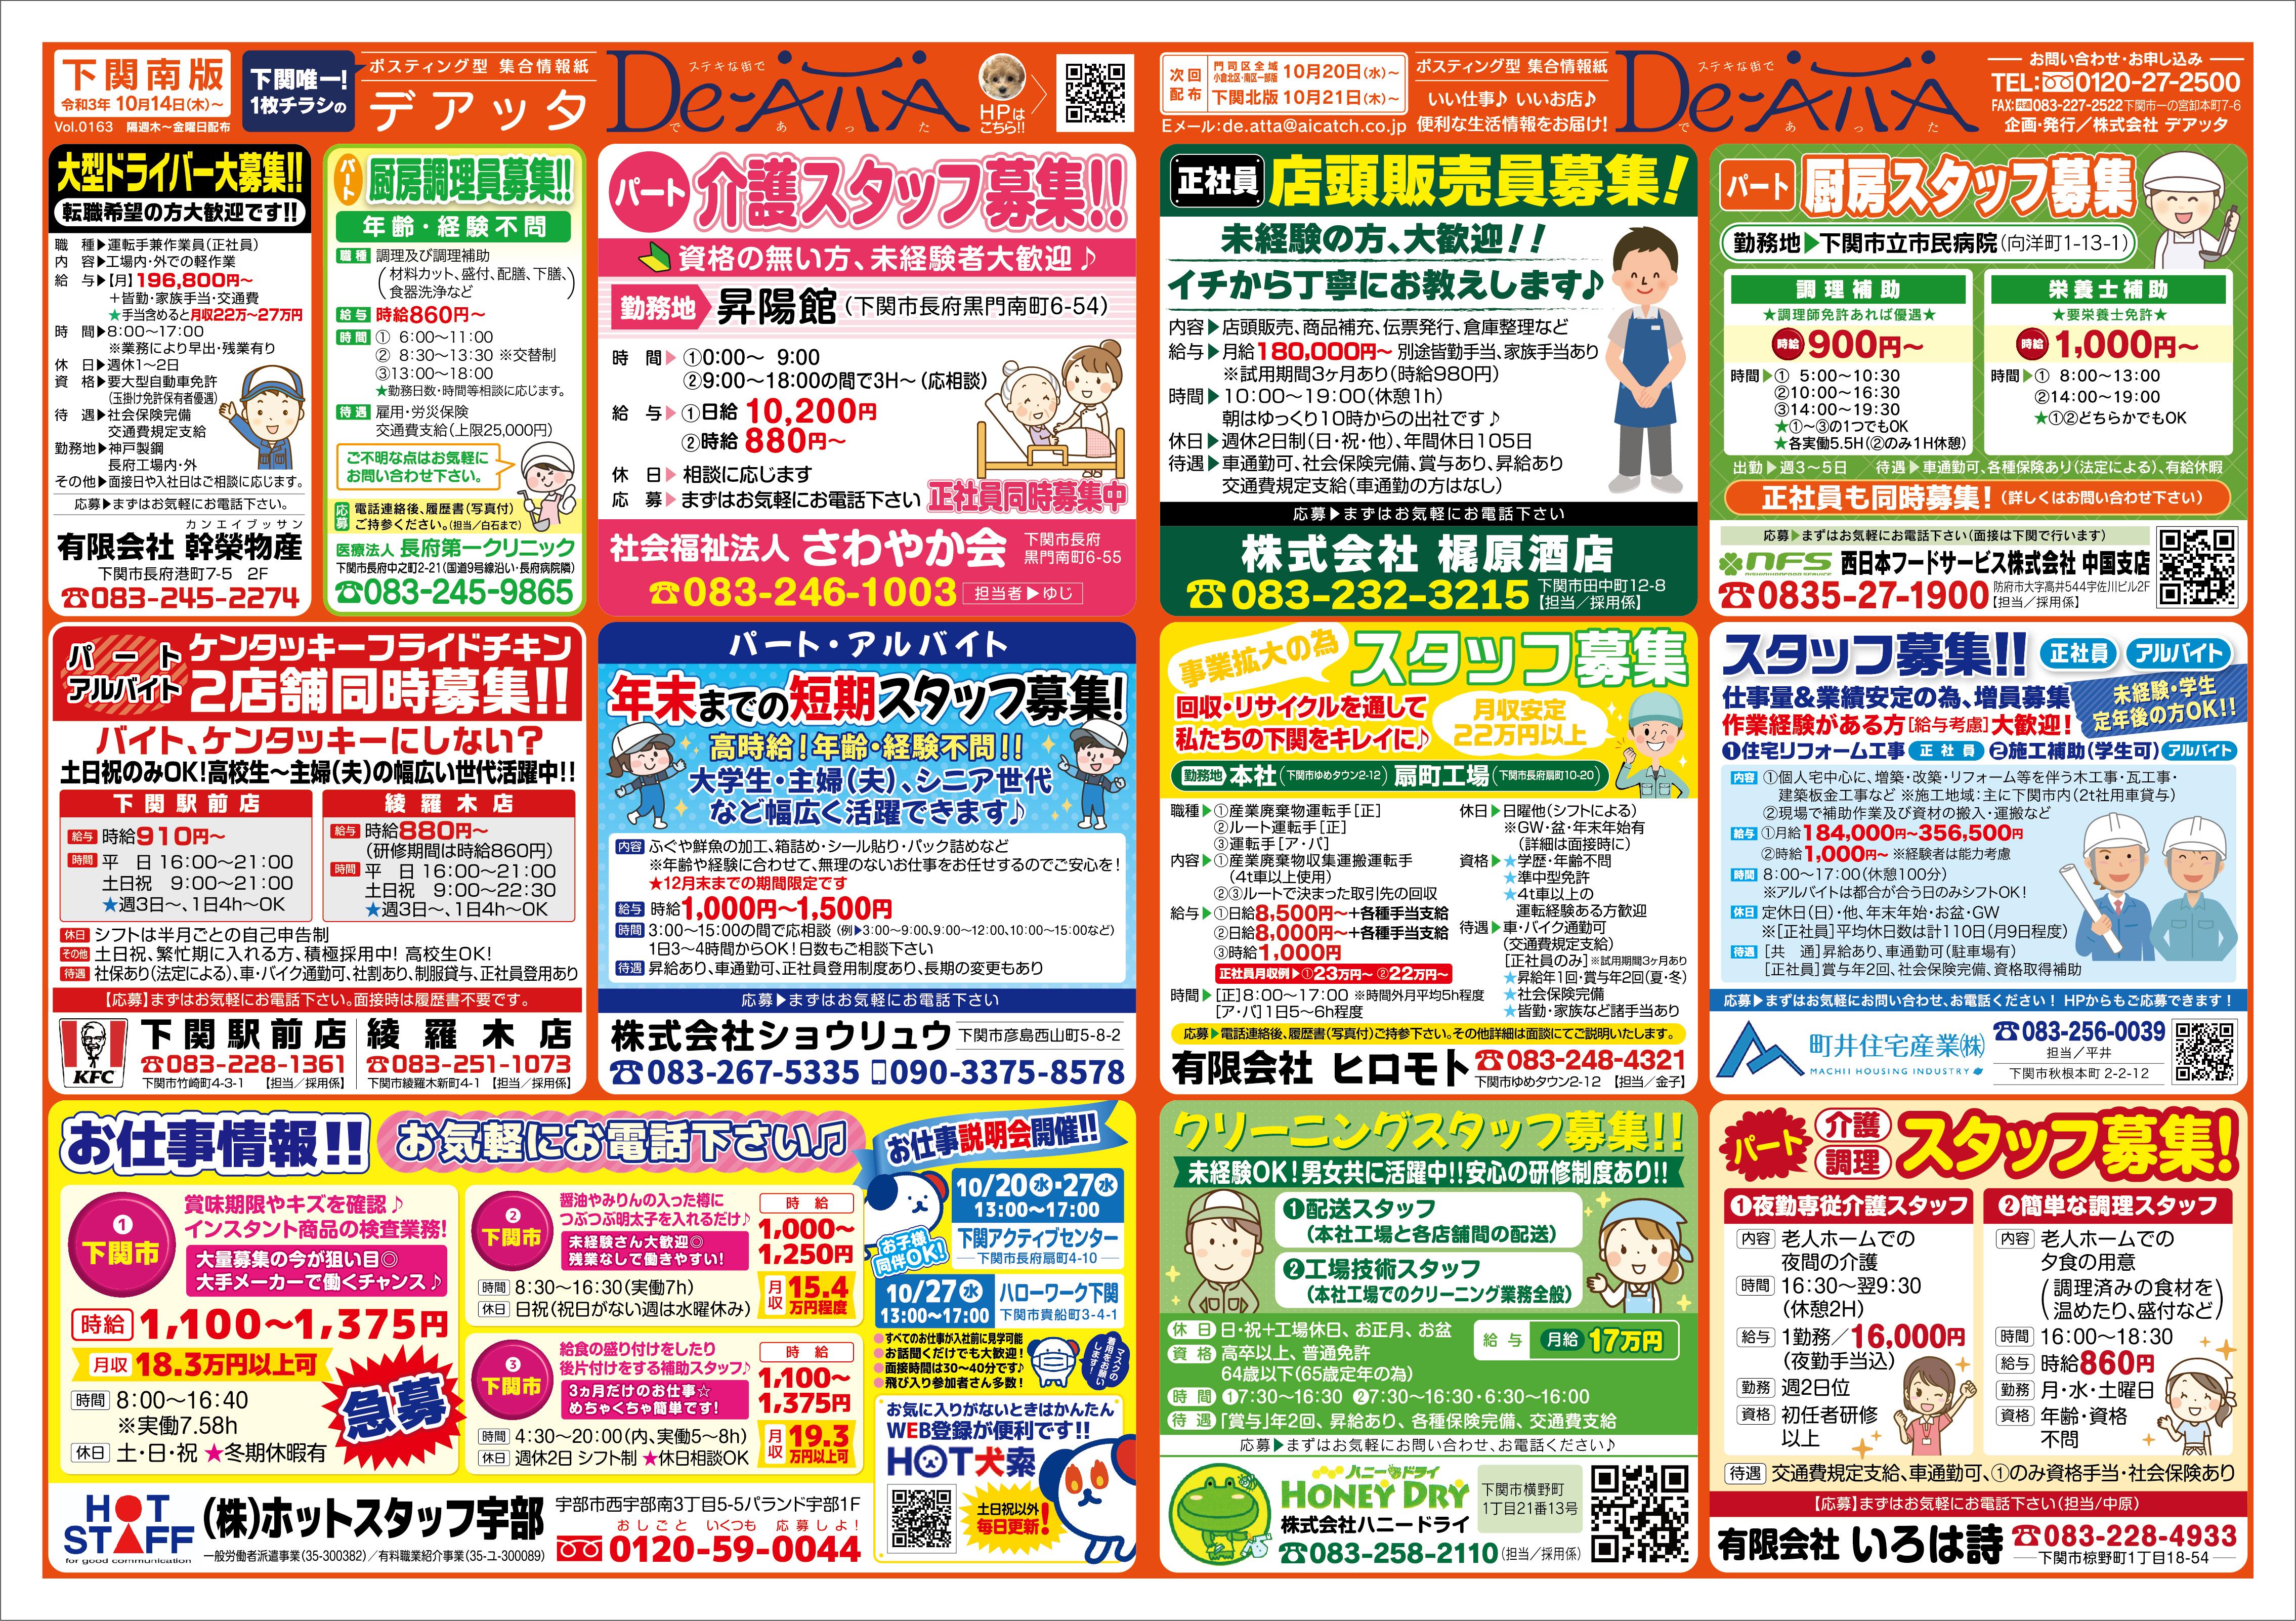 下関南版 令和3年10月14日号デアッタチラシ表イメージ